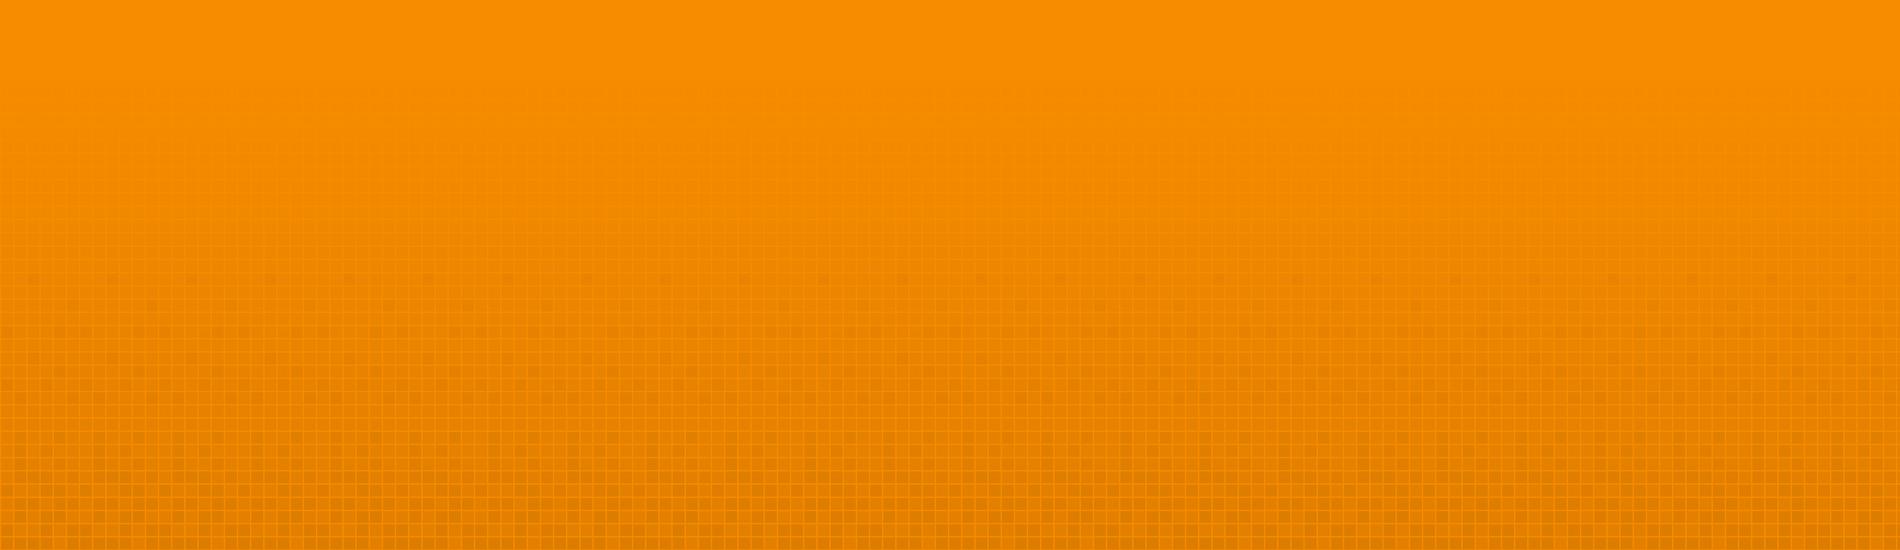 bg-orange